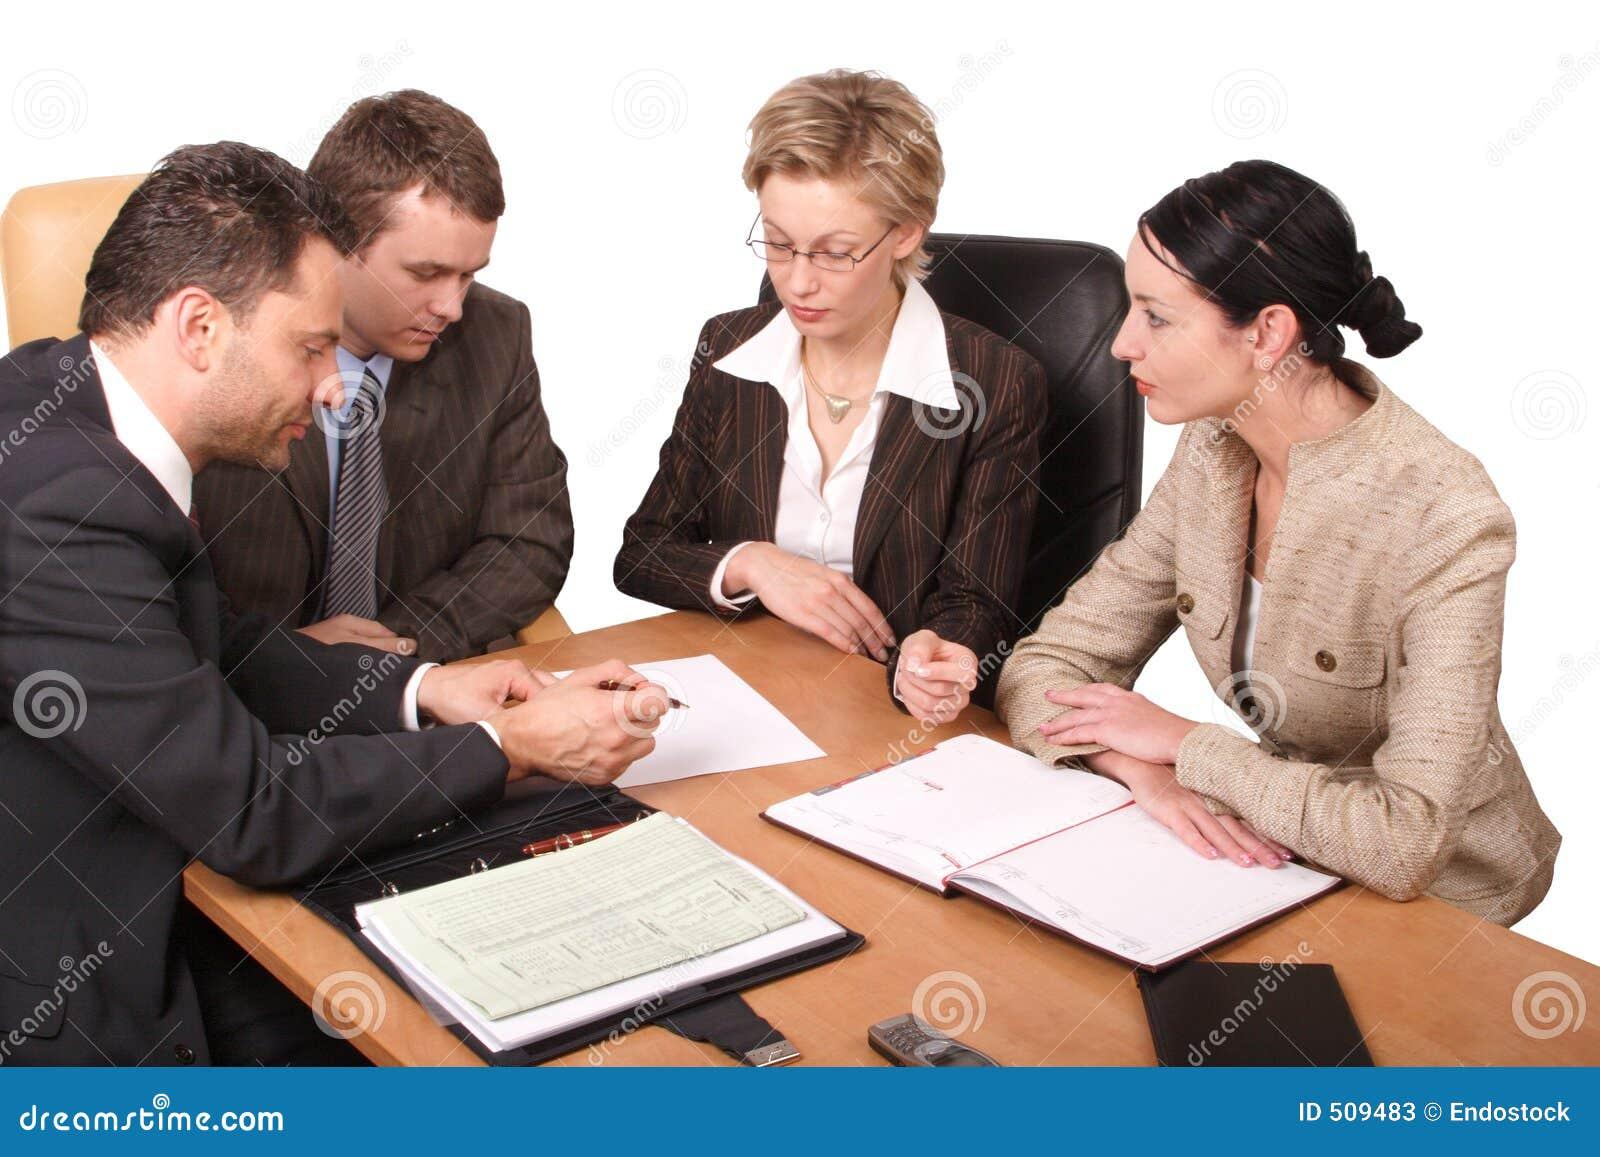 Reunião de negócio de 4 pessoas - isoladas